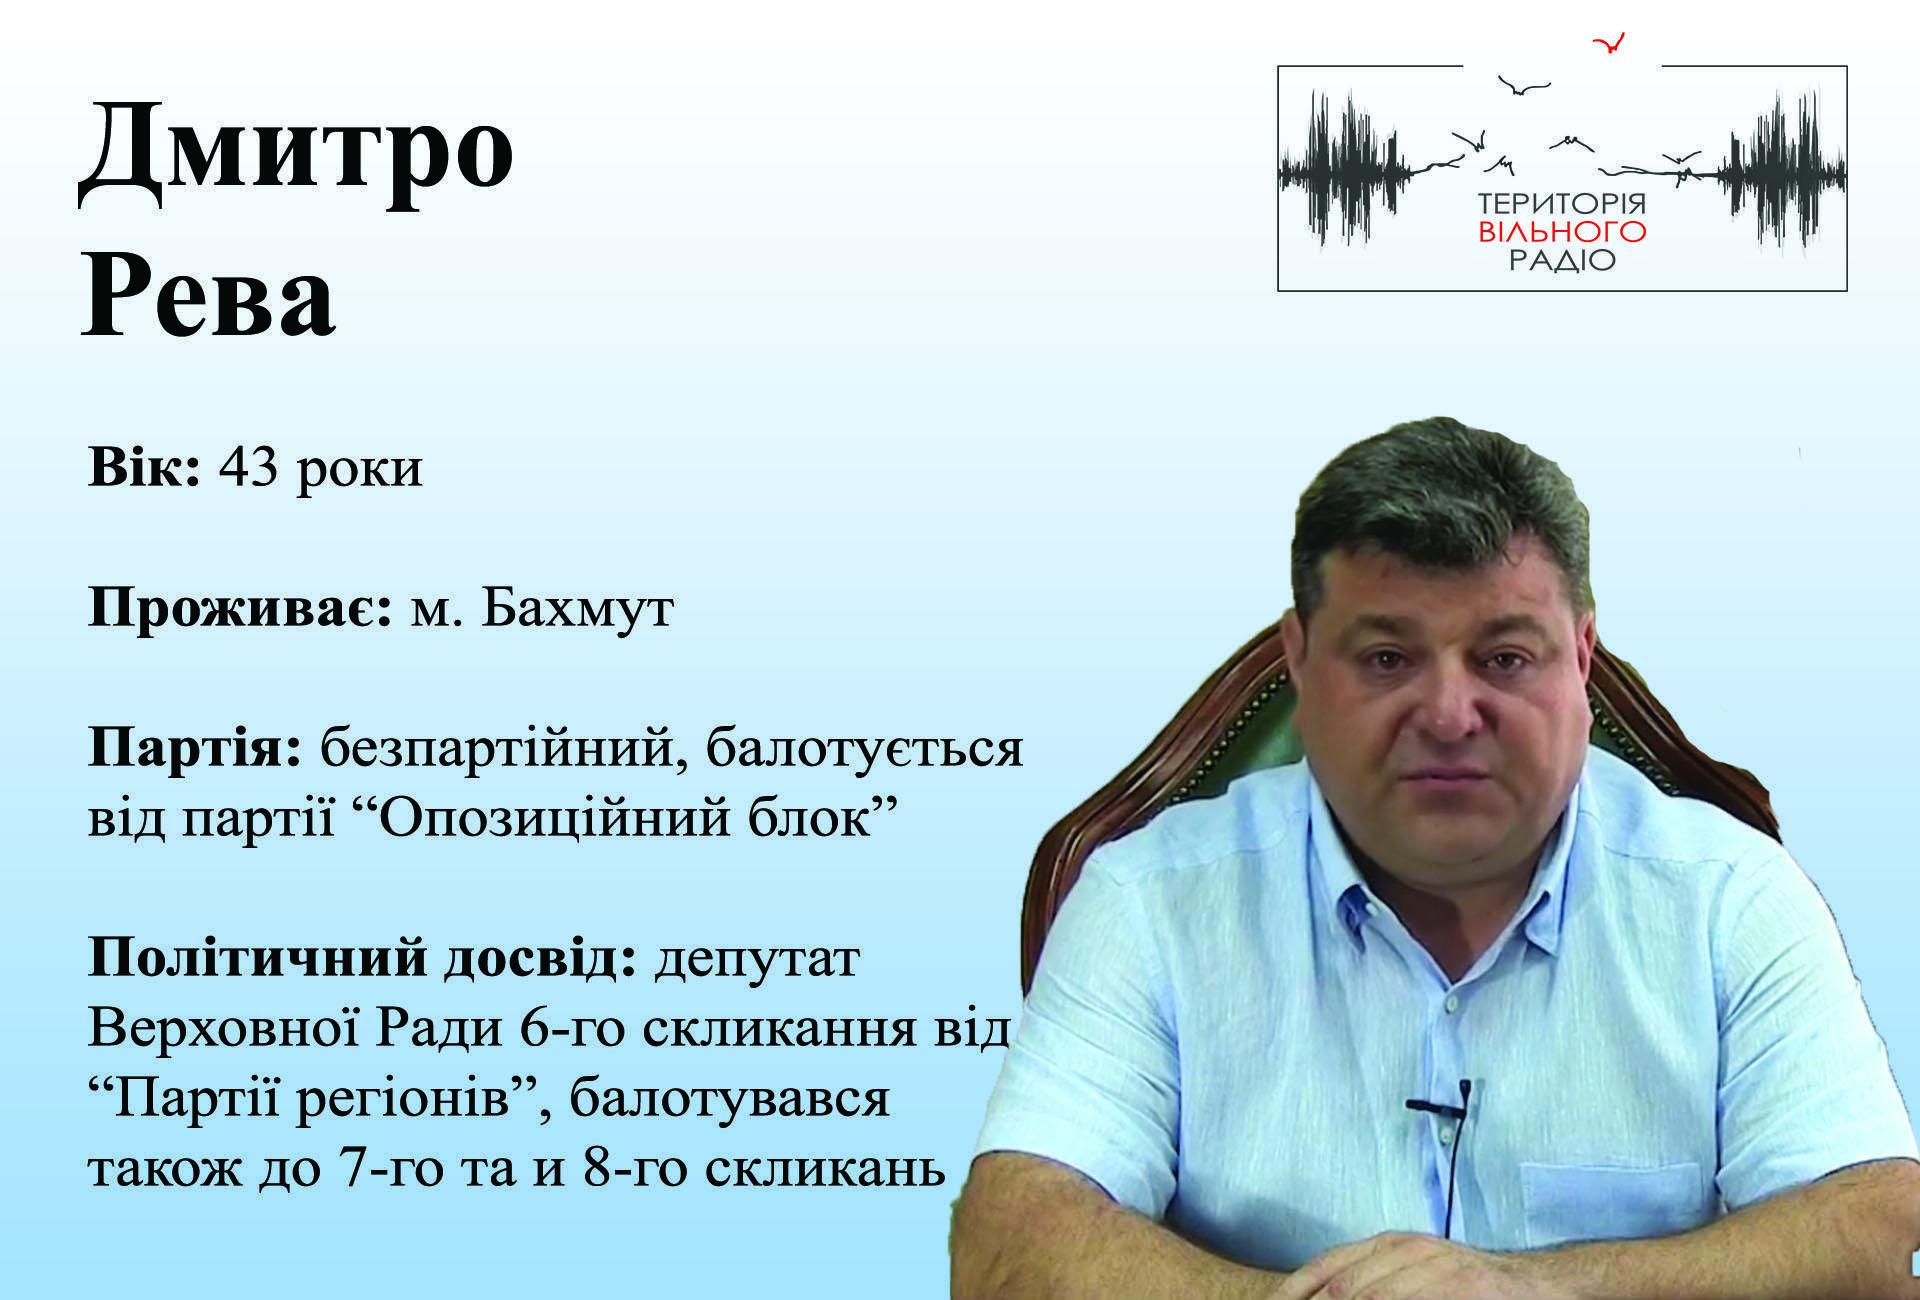 Дмитро Рева 46 виборчий округ